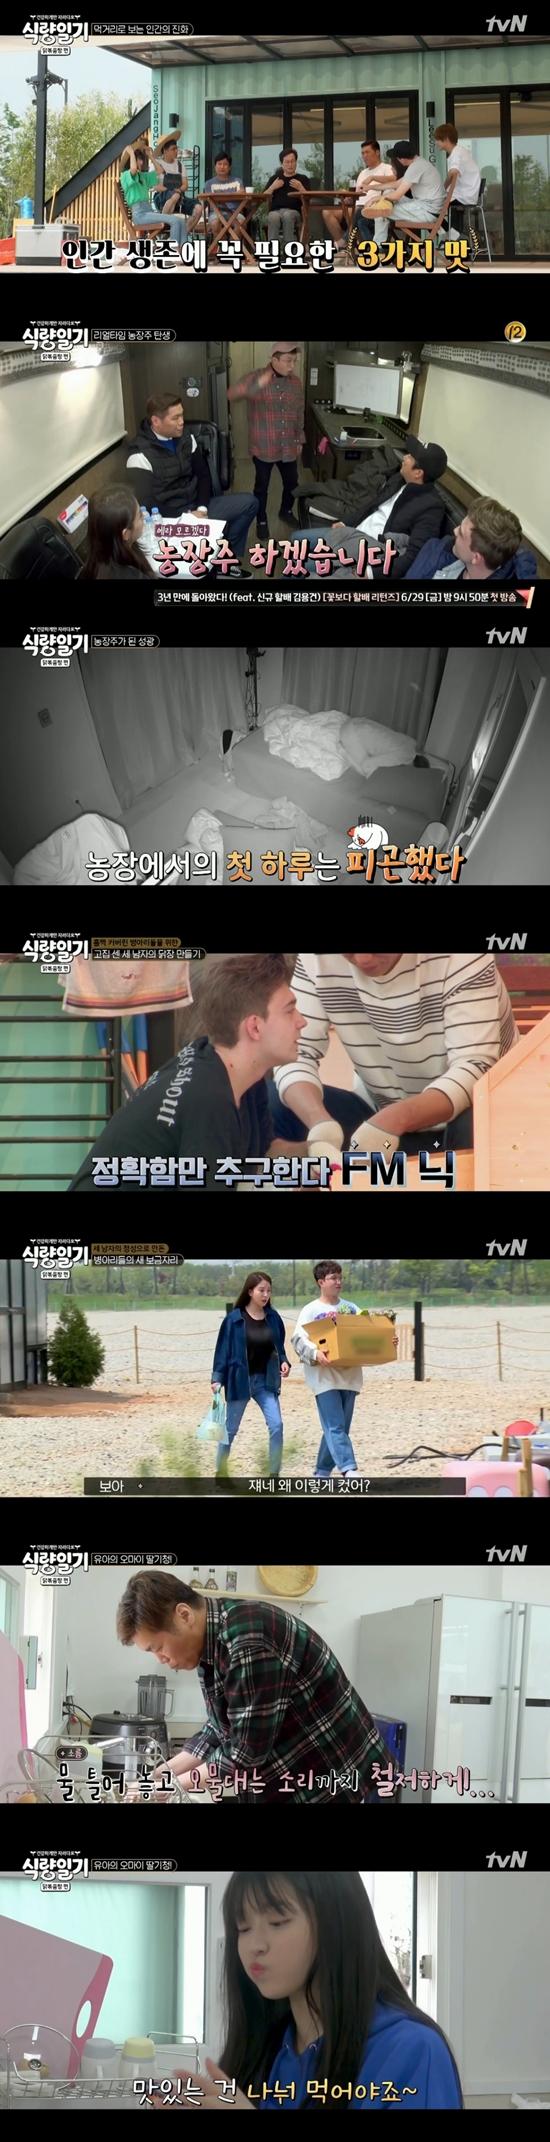 [종합]`식량일기' 박성광, 농장주 생활 첫날X부화 실패한 병아리에 '혼란'